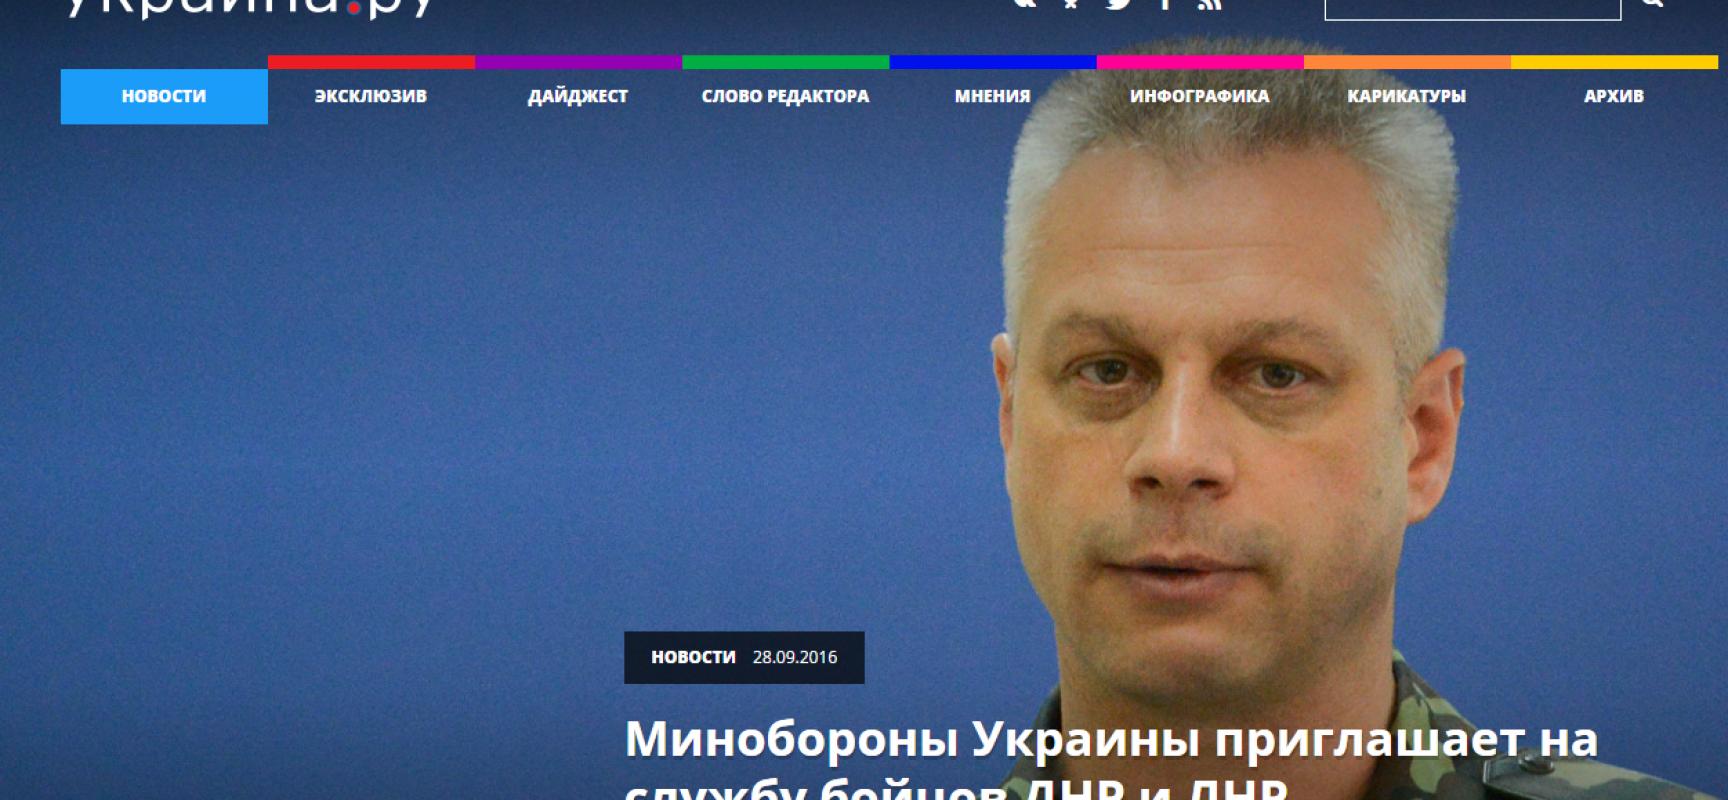 """Fake: Il Ministero della Difesa dell'Ucraina invita i militanti della """"DNR"""" e """"LNR"""" a prestare servizio nell FFAA Ucraine"""